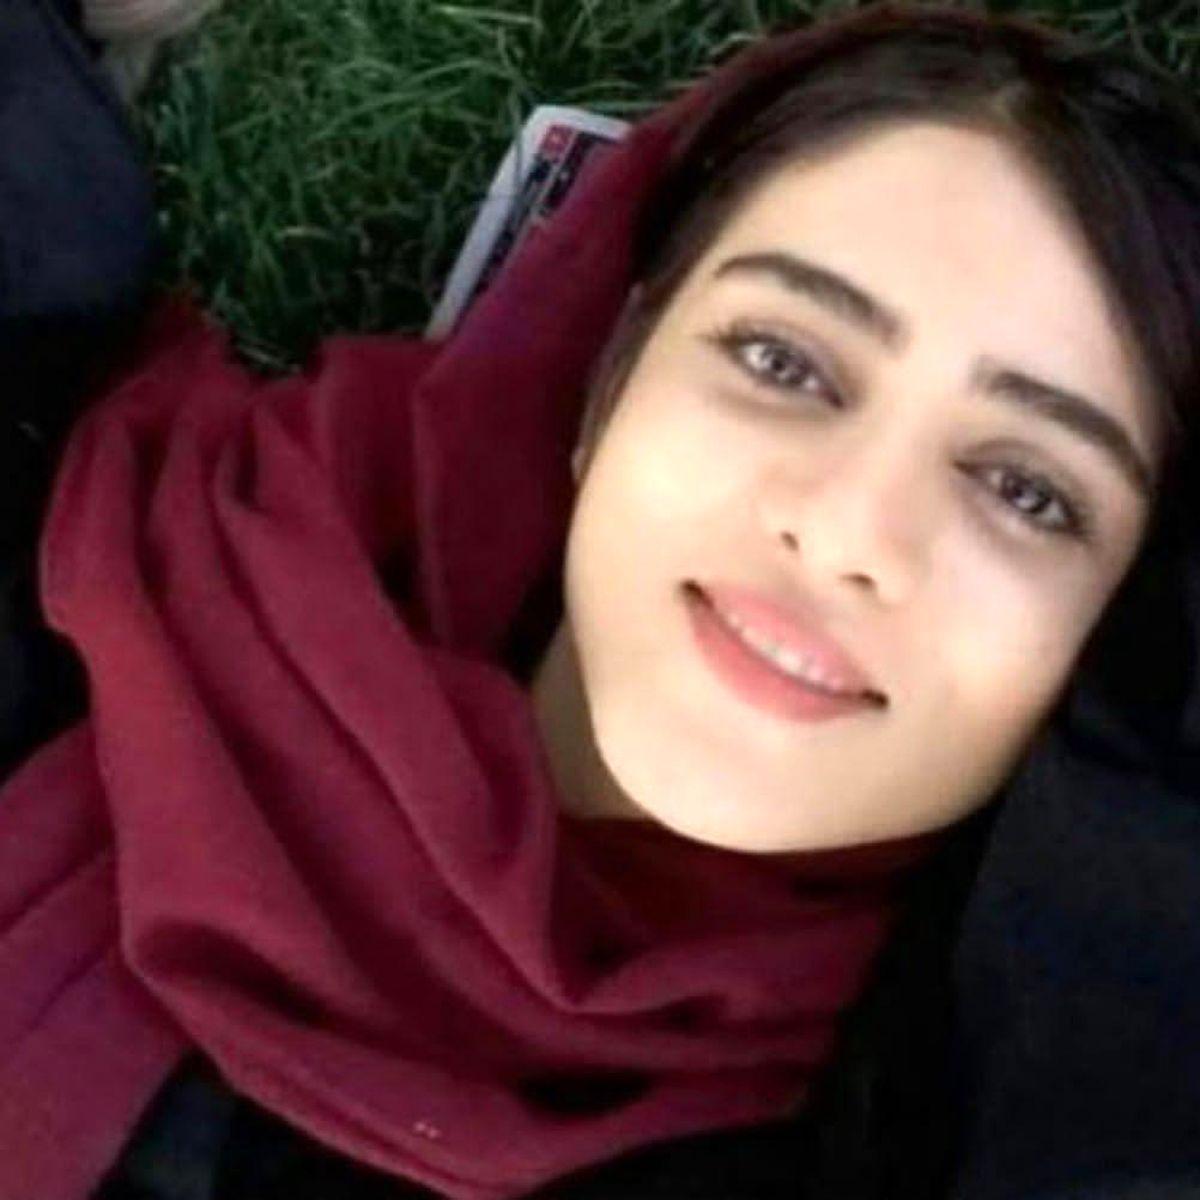 اولین عکس از مراسم تشییع و مزار سحر خدایاری ( دختر ابی ) + عکس